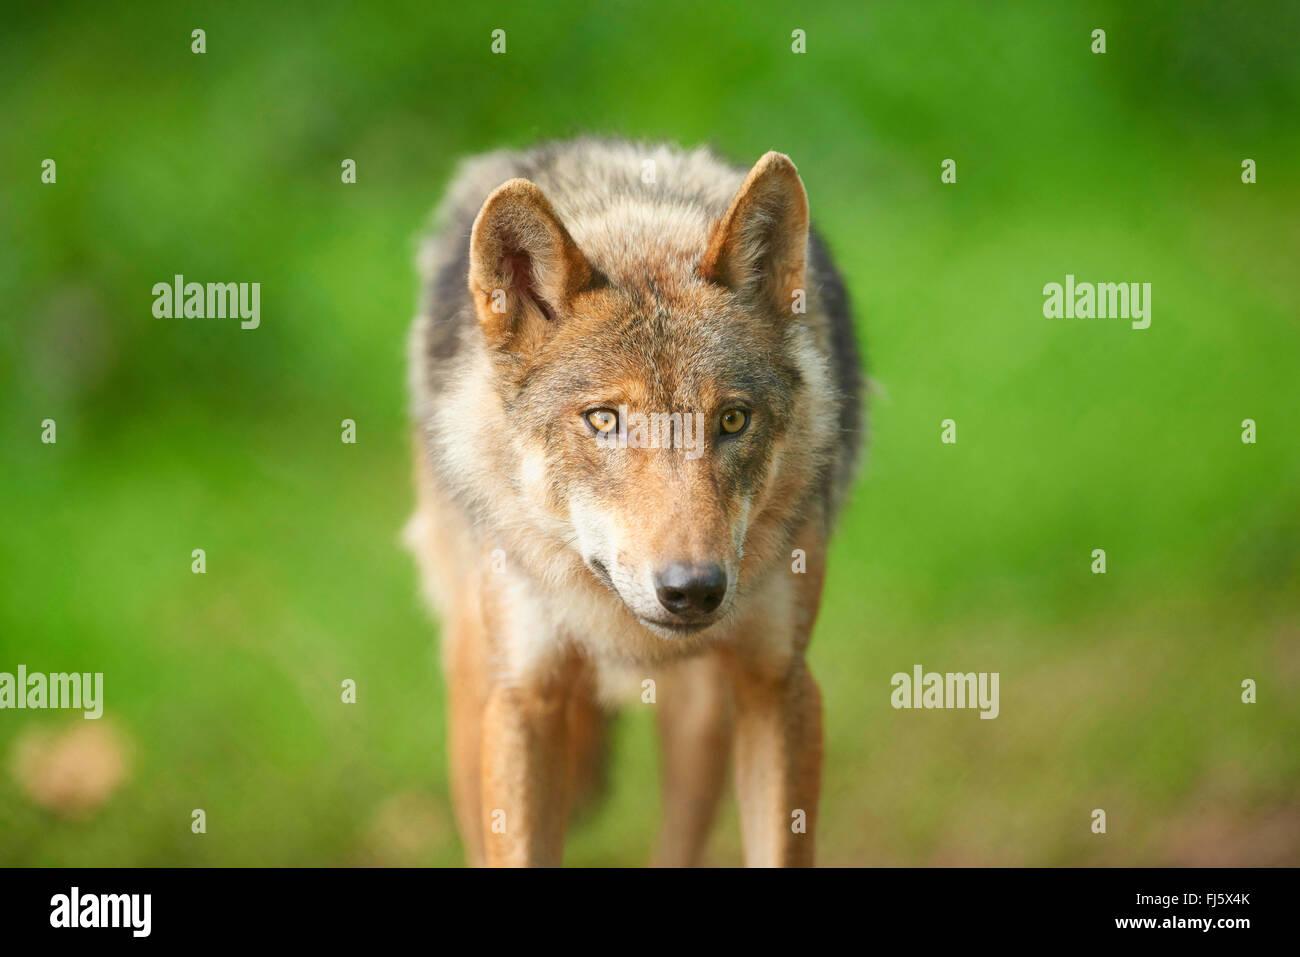 Unión lobo gris (Canis lupus lupus), retrato de un lobo, vista frontal, Alemania, Baviera Imagen De Stock